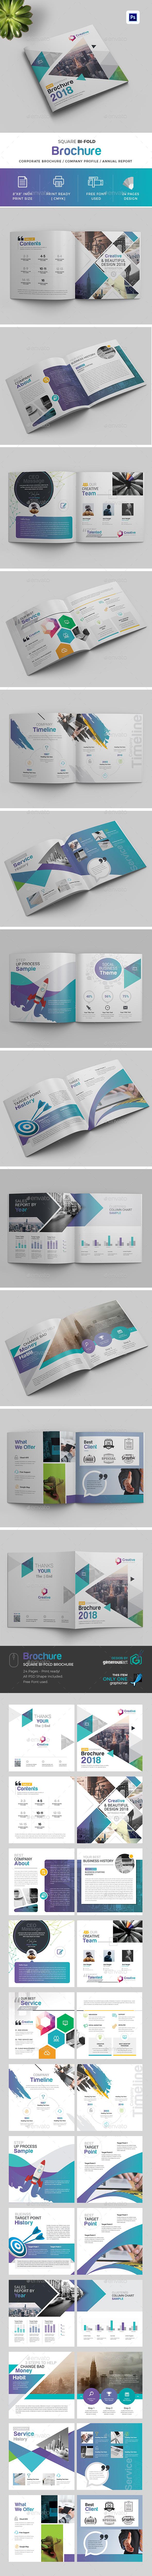 GraphicRiver Square Bi-Fold Brochure 20917452